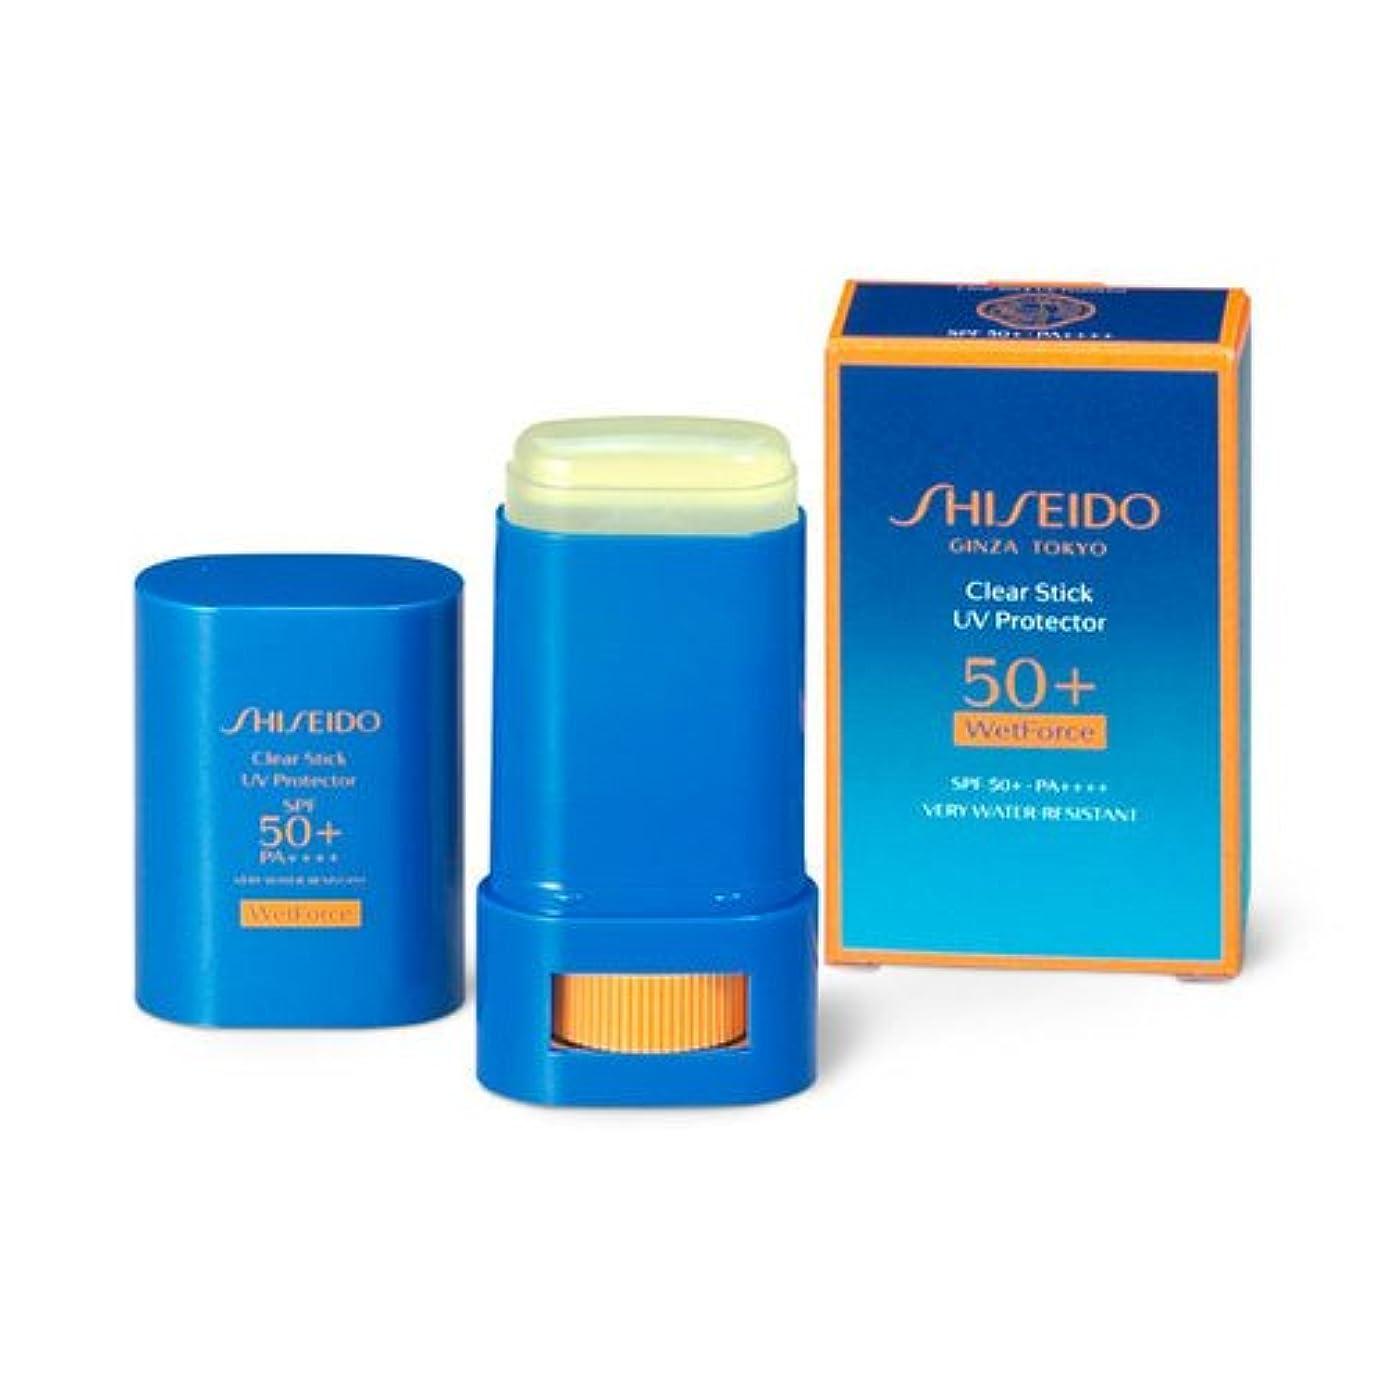 入手しますサルベージ精通したSHISEIDO Suncare(資生堂 サンケア) SHISEIDO(資生堂) クリアスティック UVプロテクター 15g